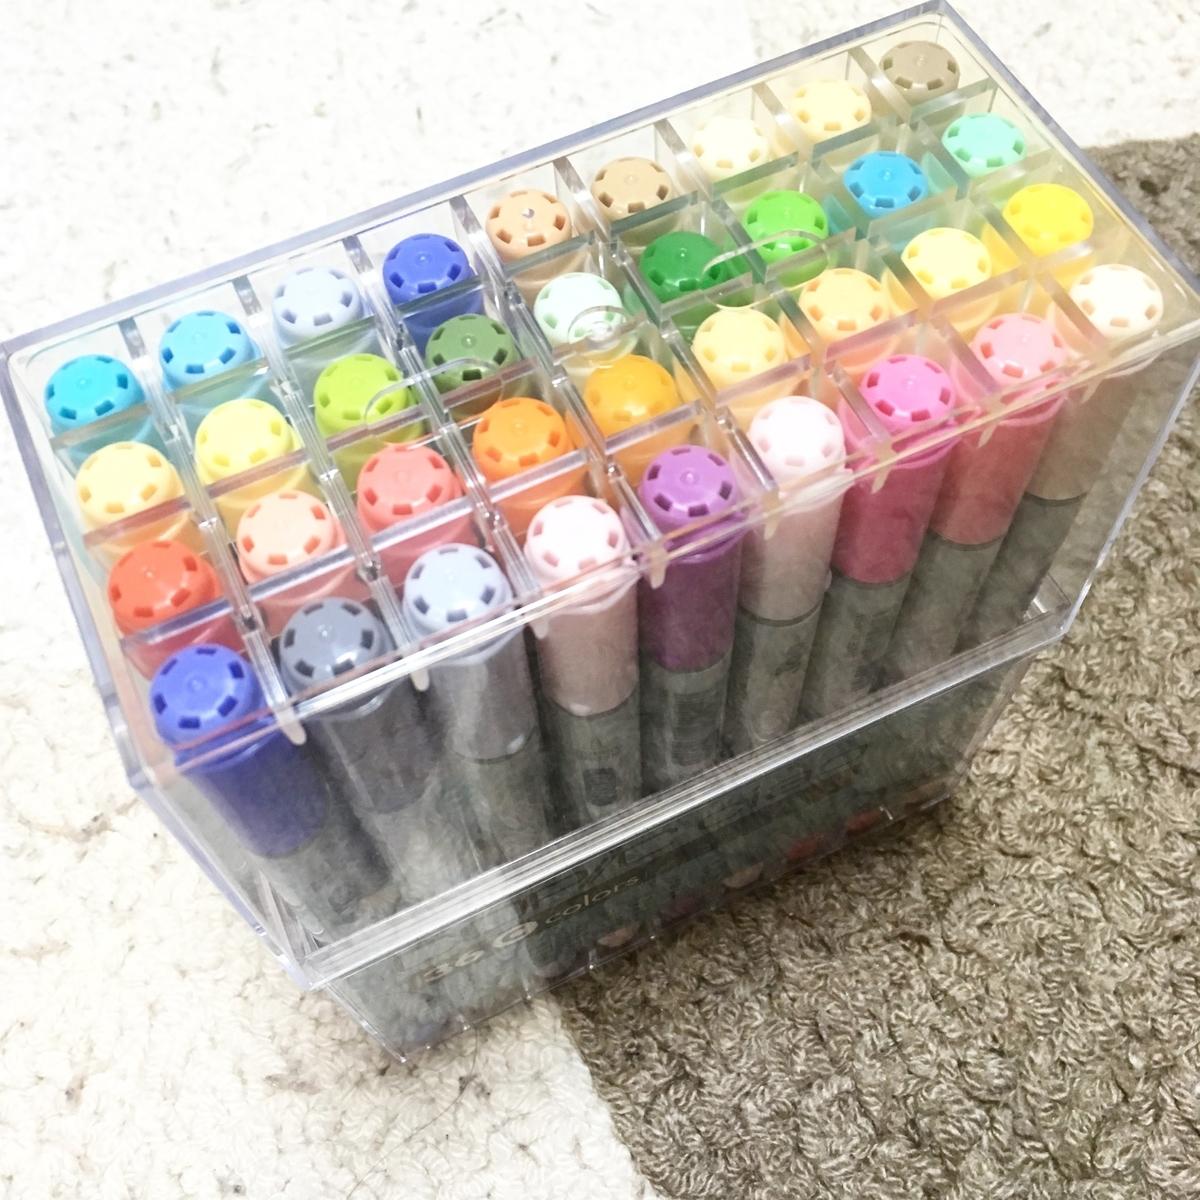 コピックチャオ36色Aセット 購入した実物 商品写真